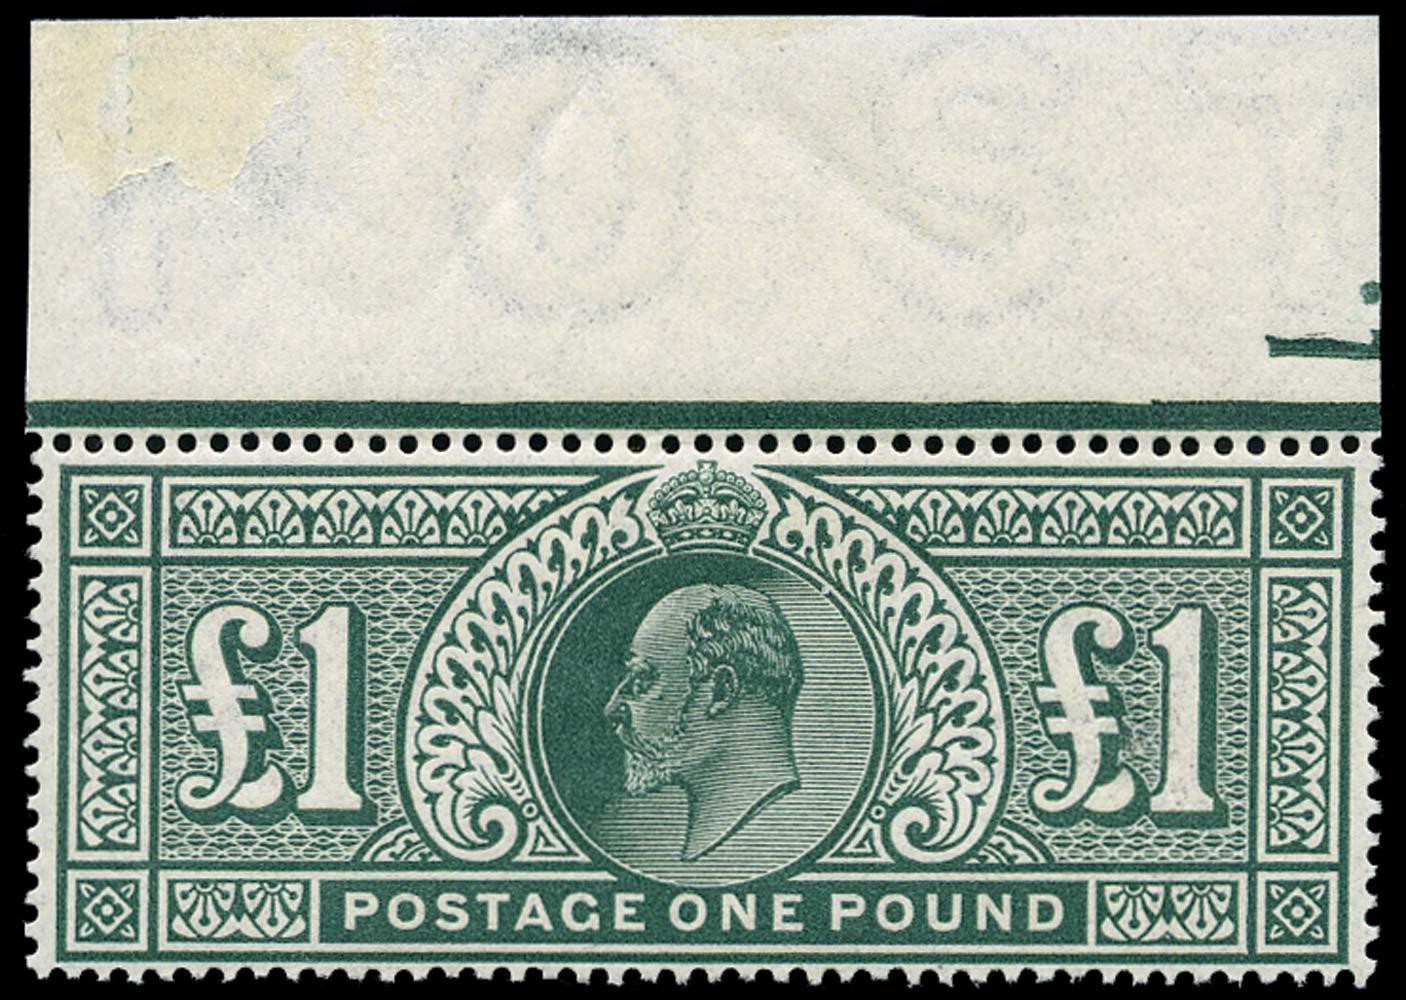 GB 1911  SG320 Mint unused o.g. top marginal